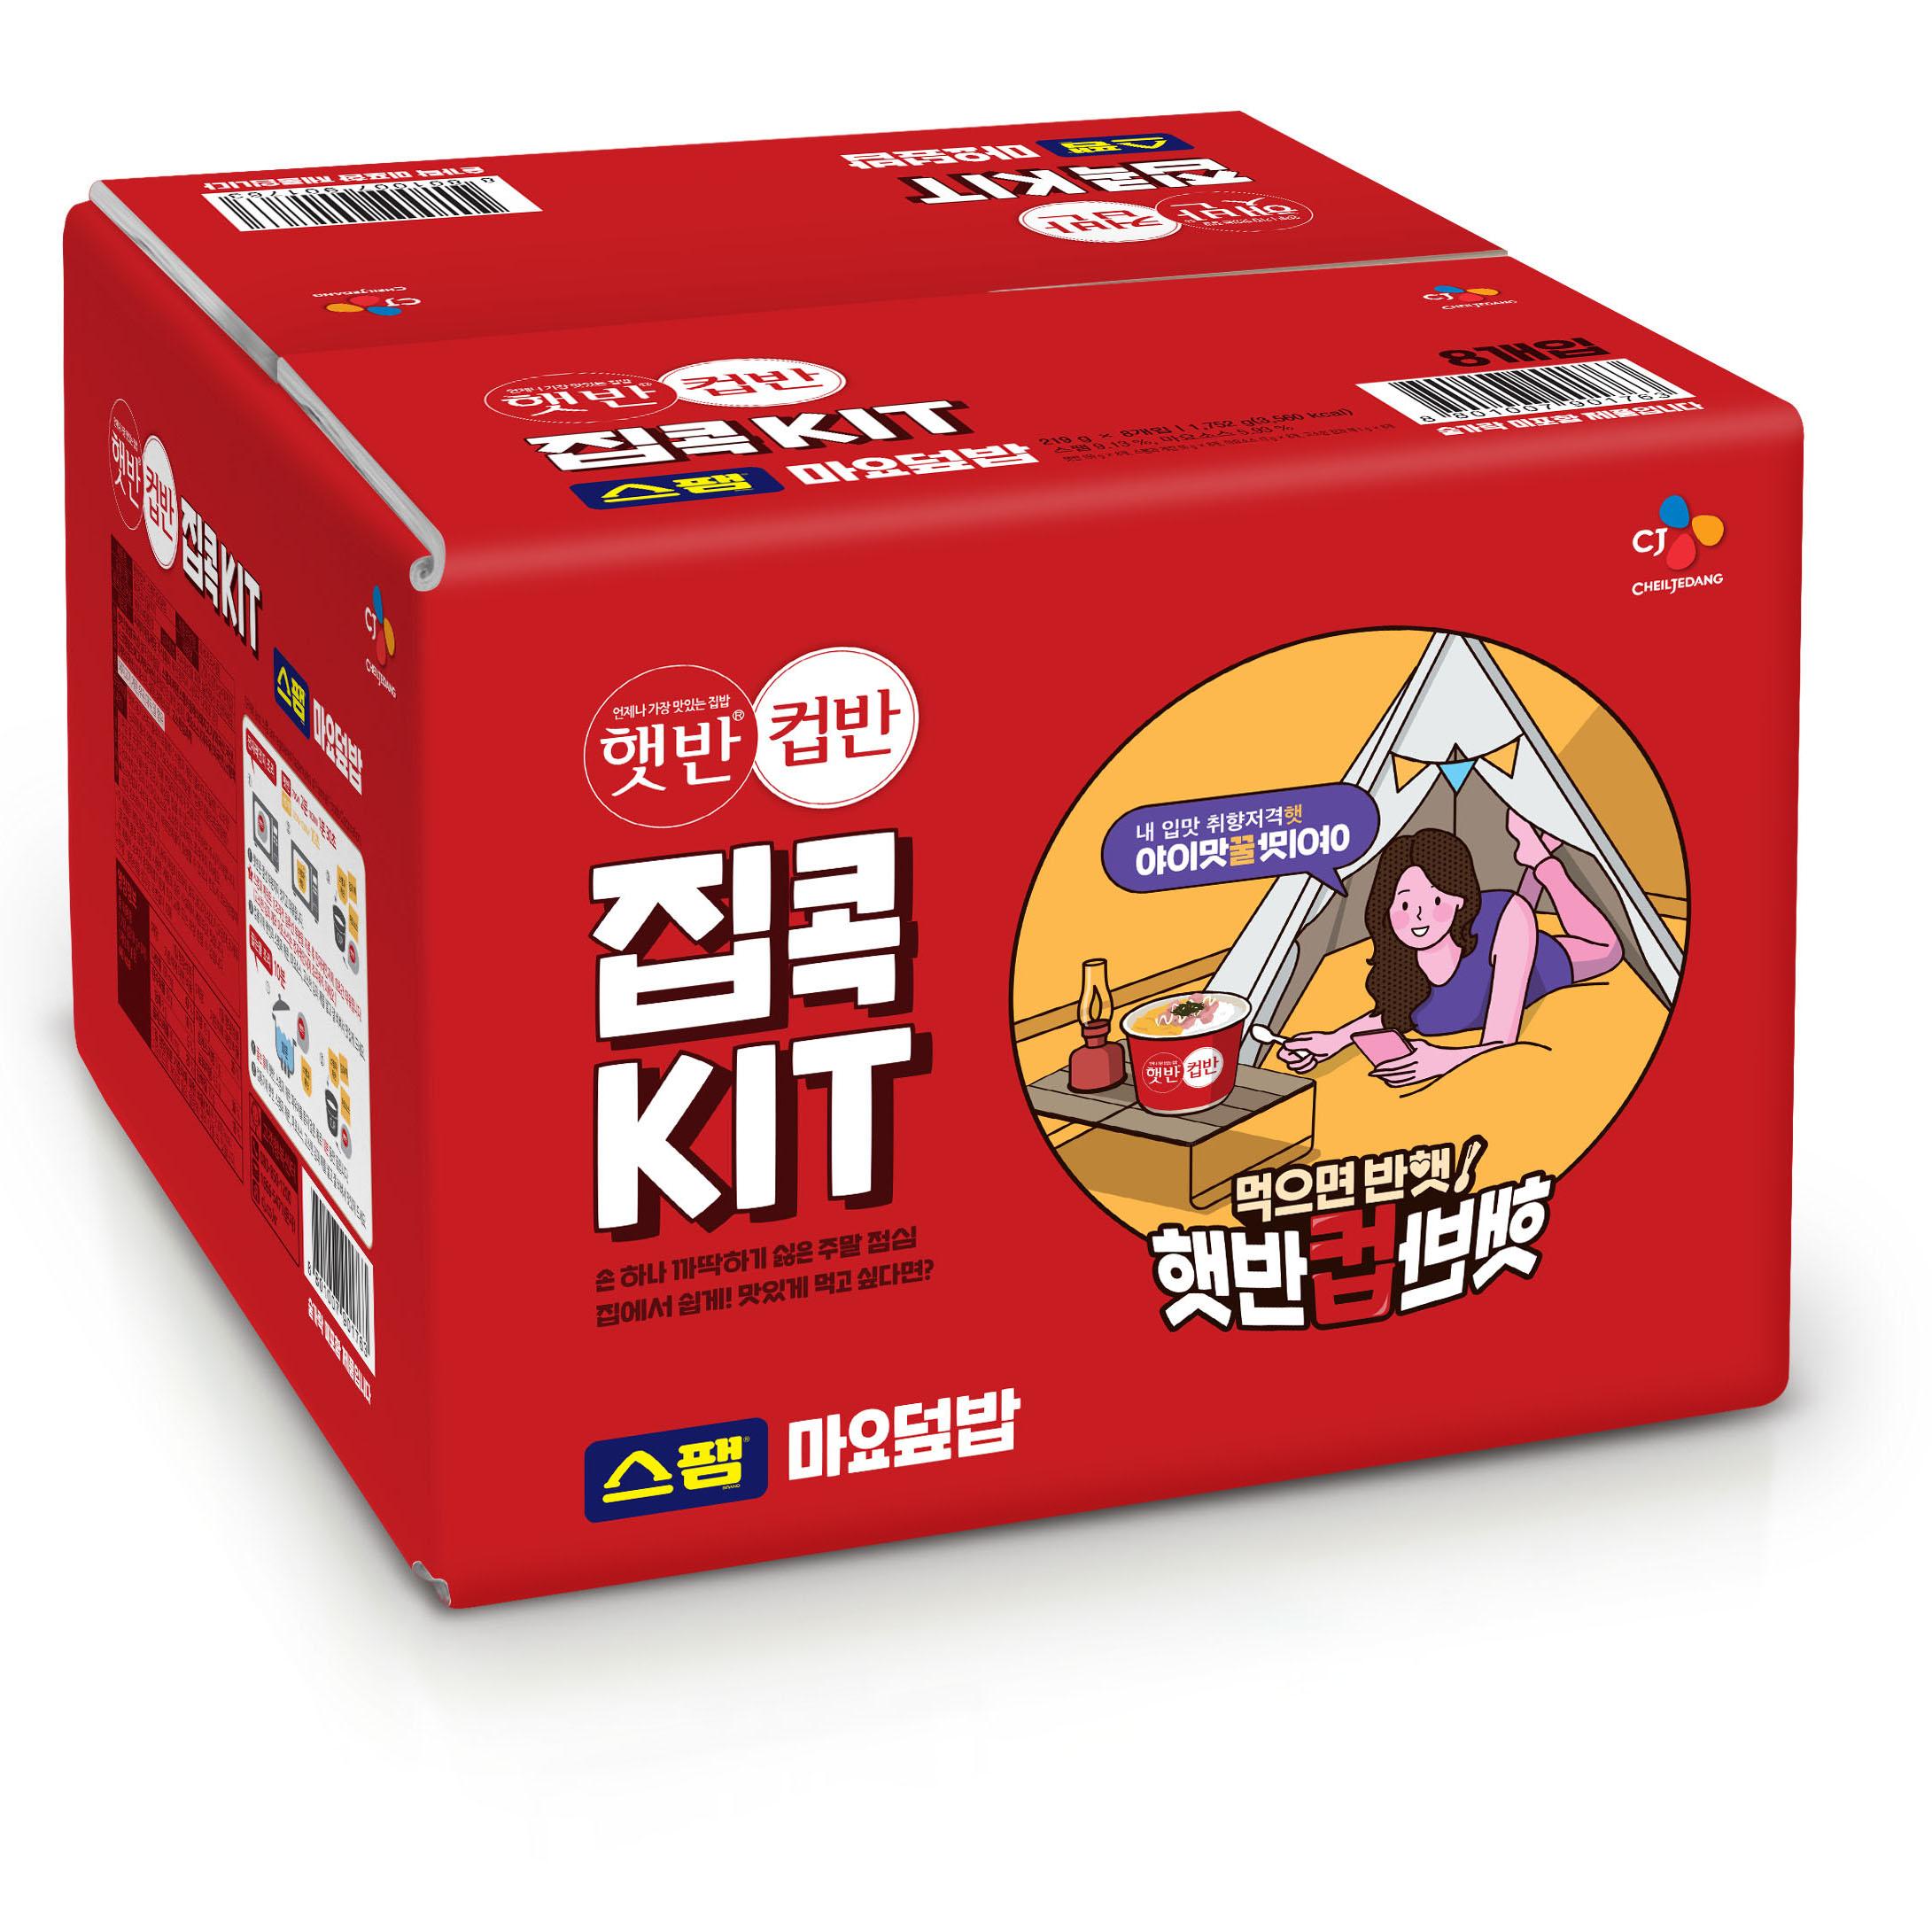 햇반 컵반 집콕KIT 스팸마요 덮밥, 219g, 8개-2-5575315794